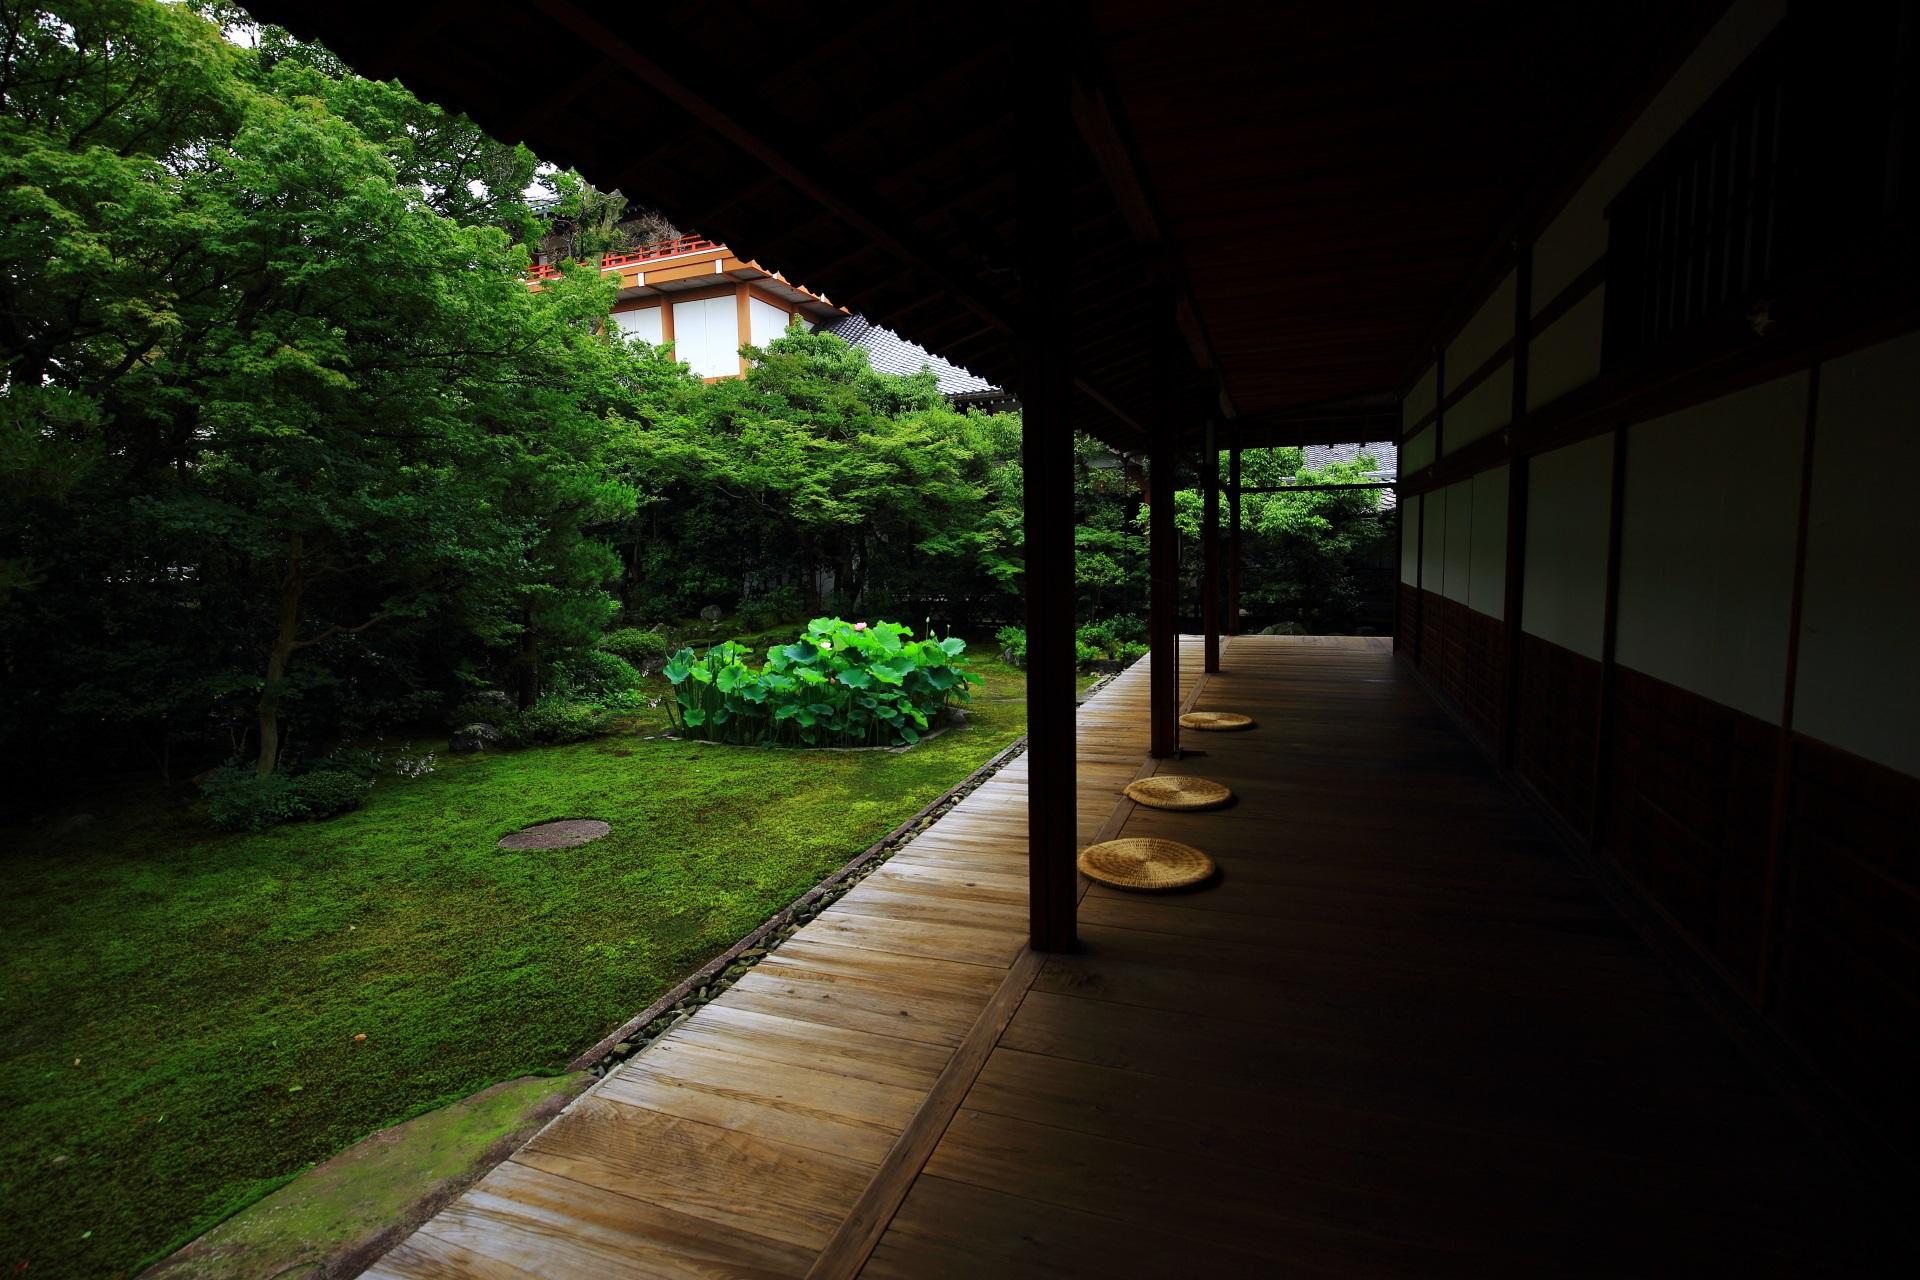 貸切状態の静けさにつつまれた落ち着いた庭園